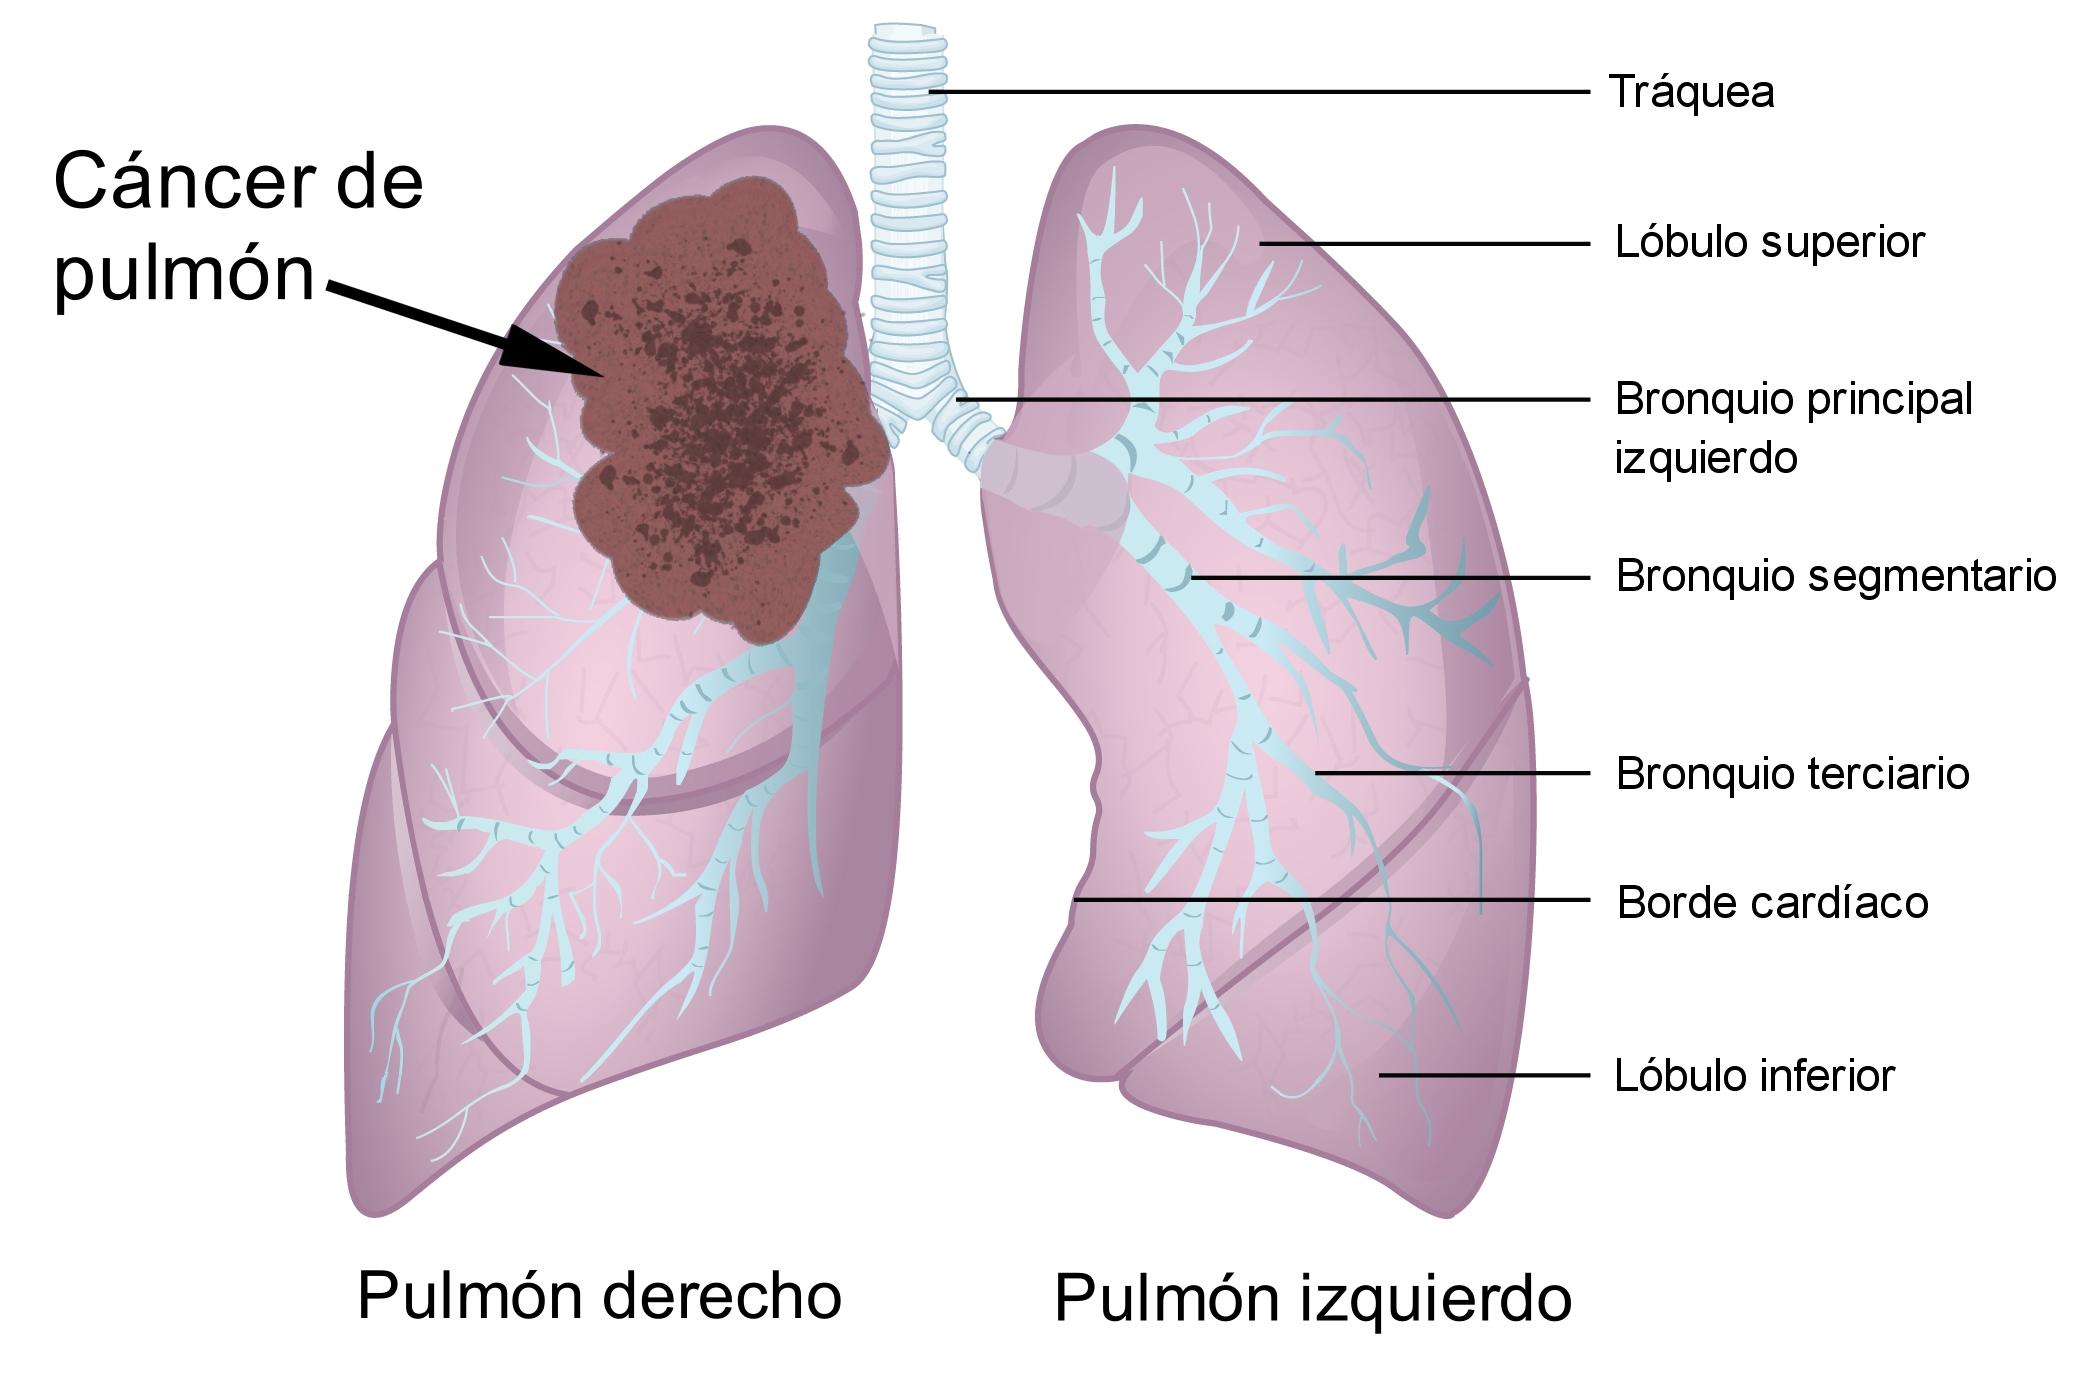 cancer de prostata contagia a la mujer